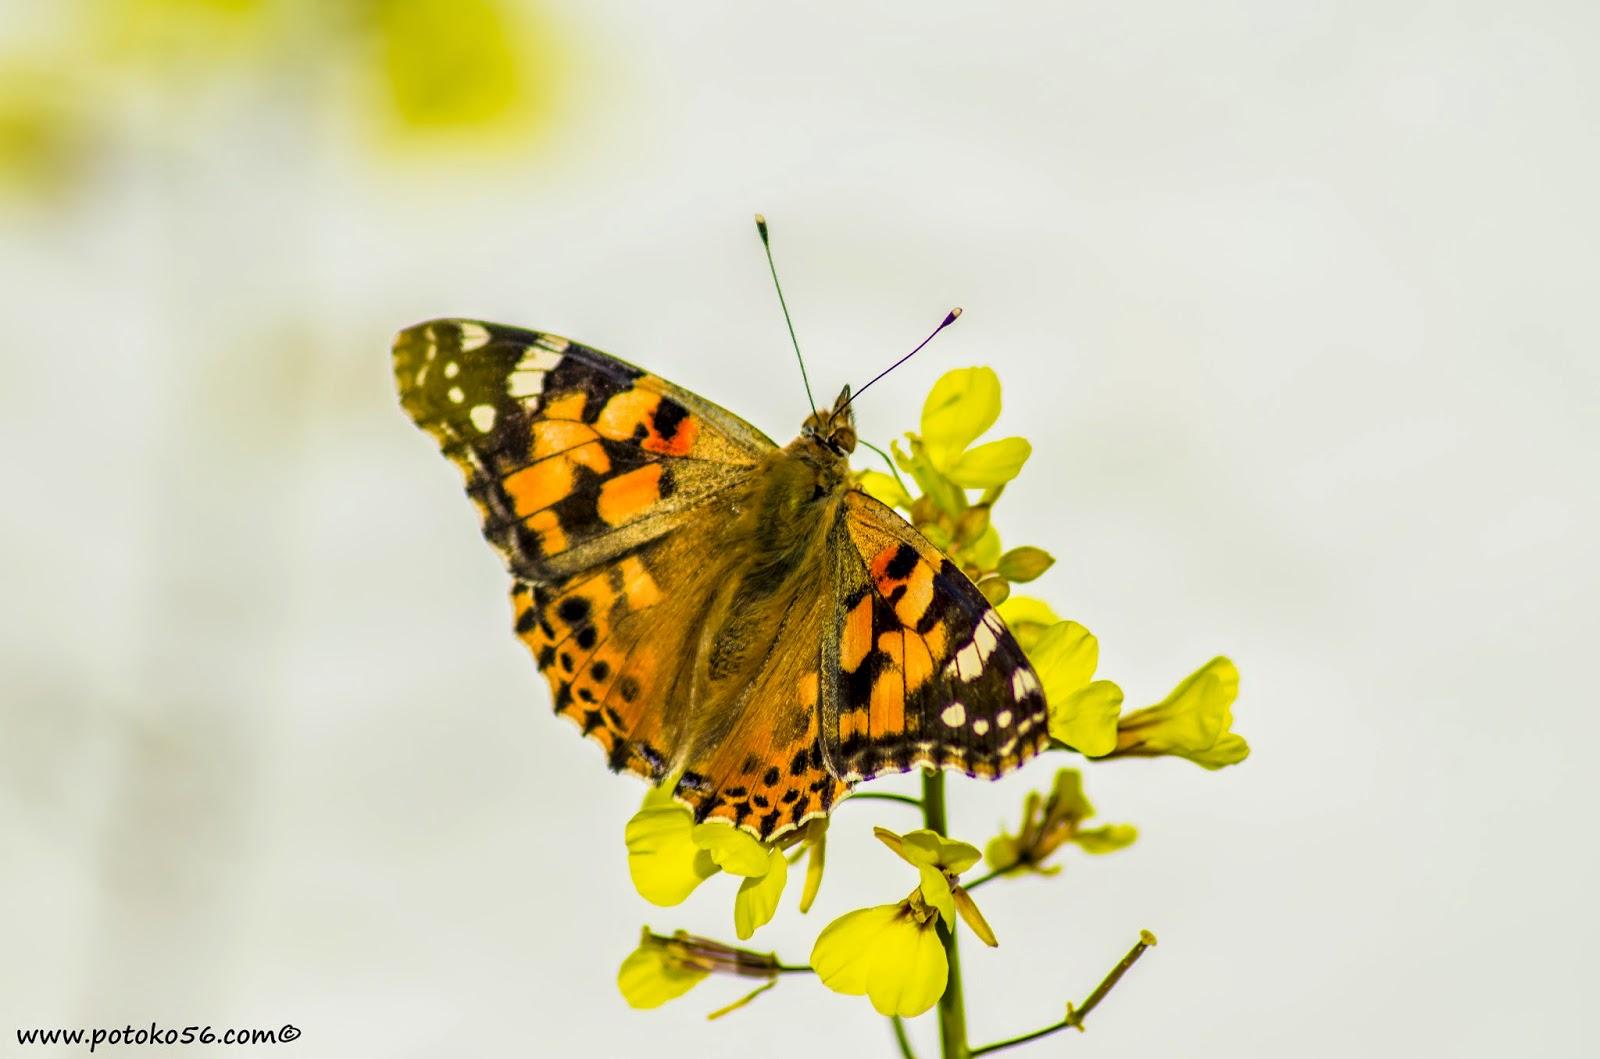 mariposa recolectando a pleno sol en un jardín en Rota